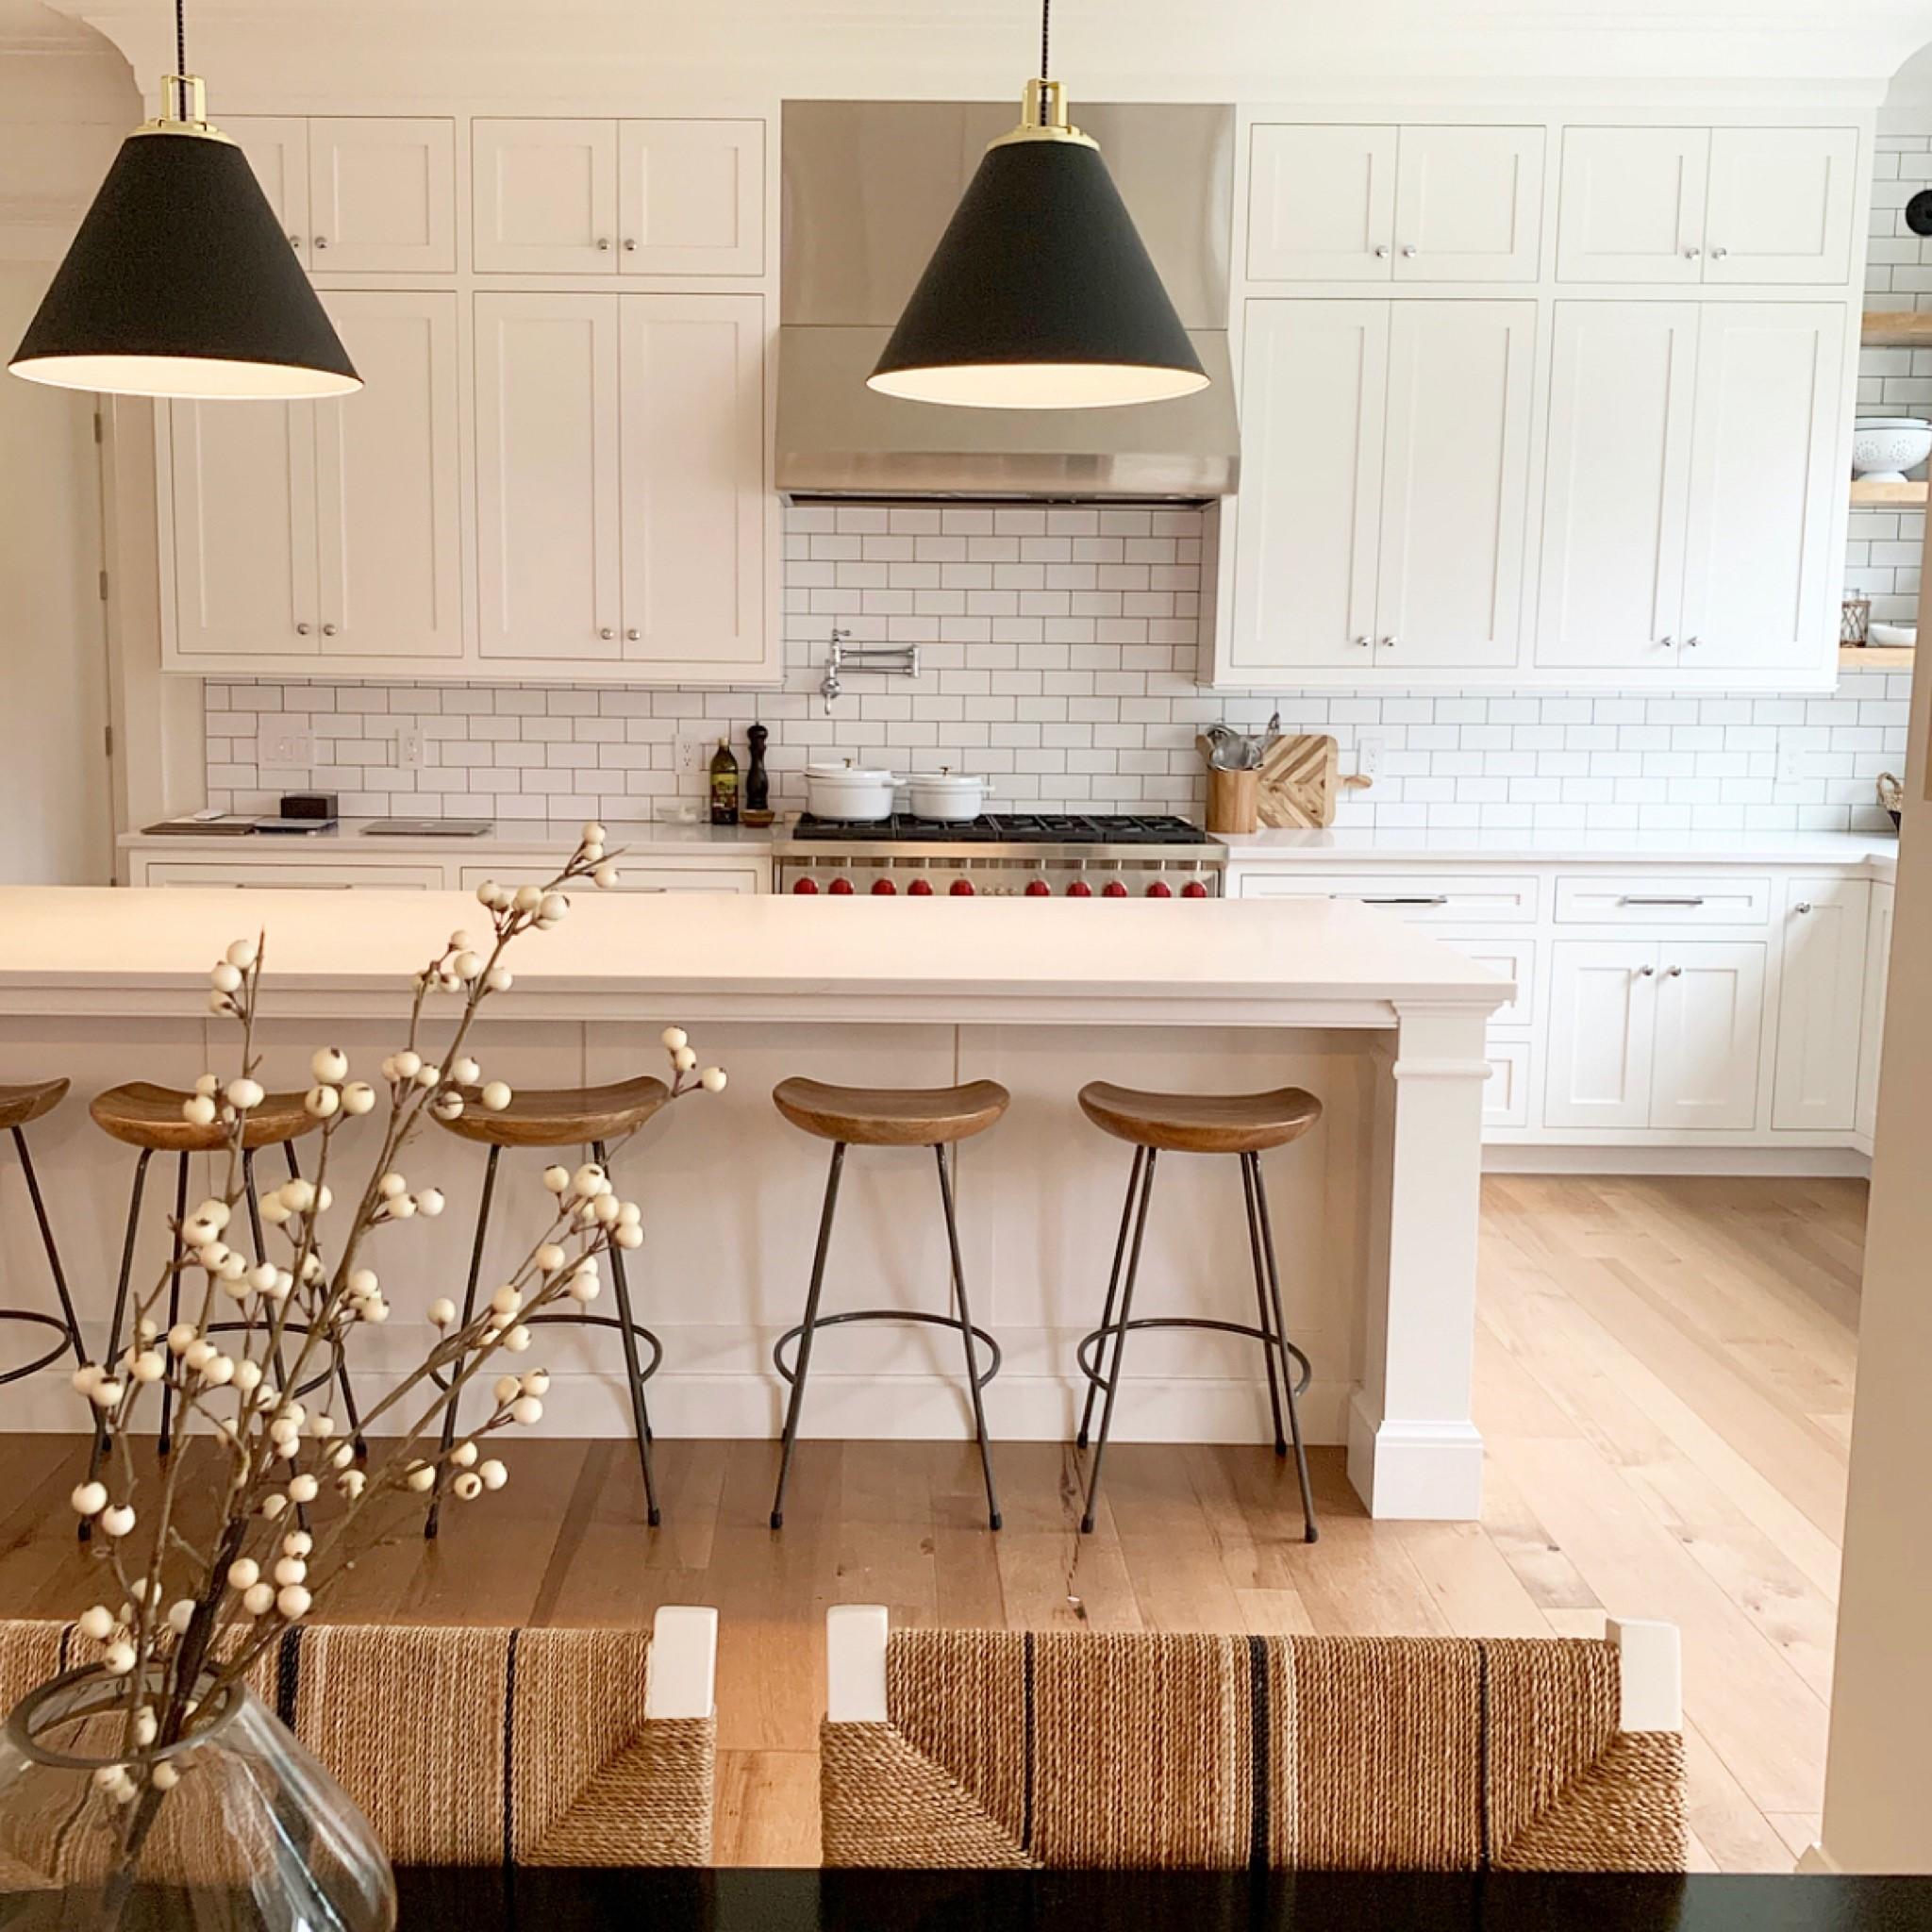 Kitchen Cabinets Evansville In: Kitchen Islands, Evansville IN